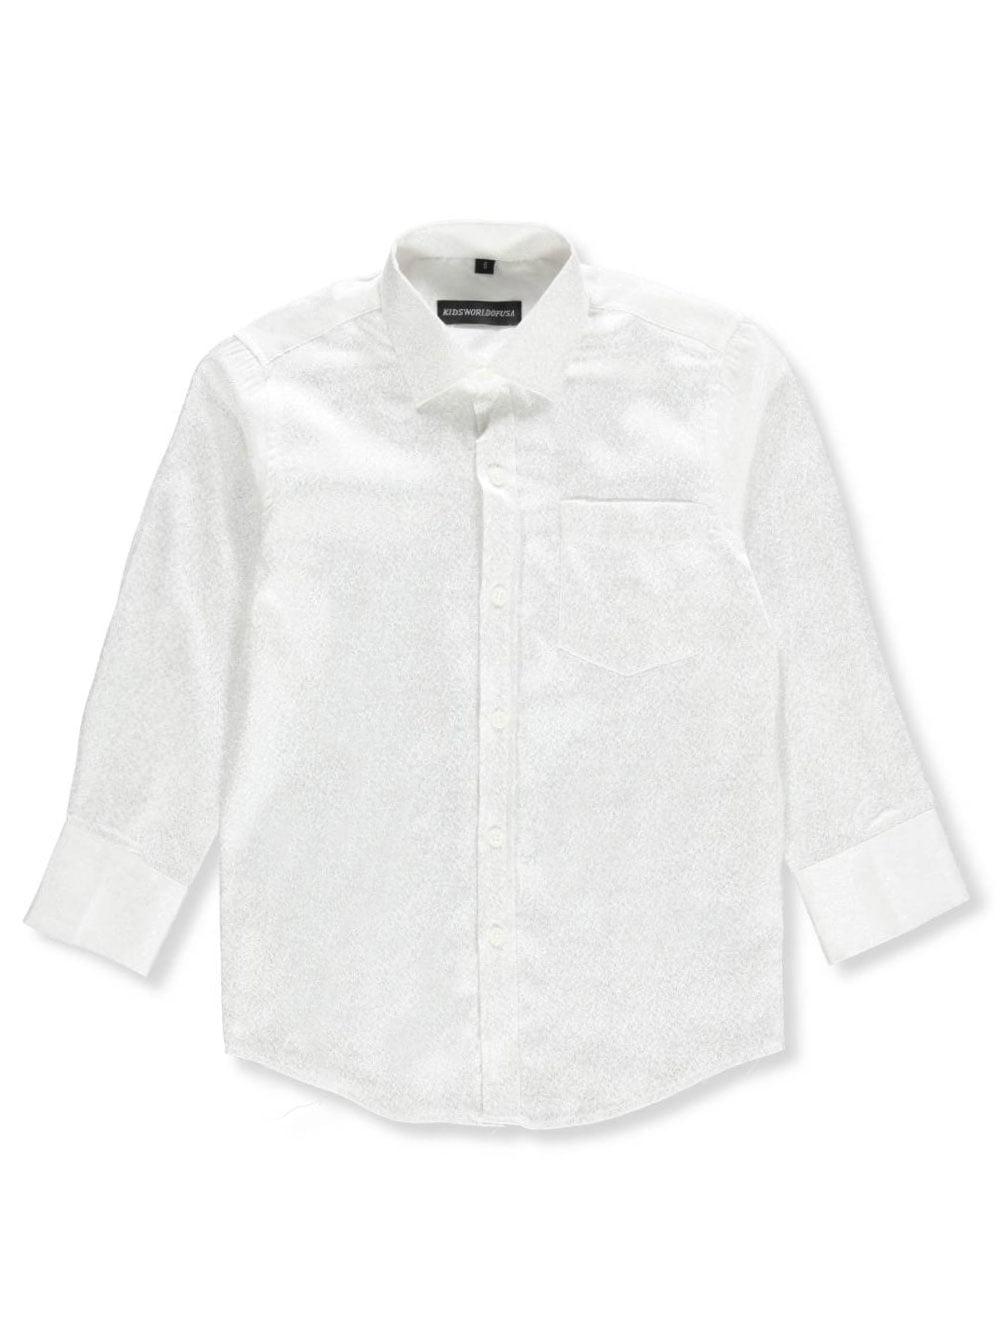 Kids World Boys Dress Shirt